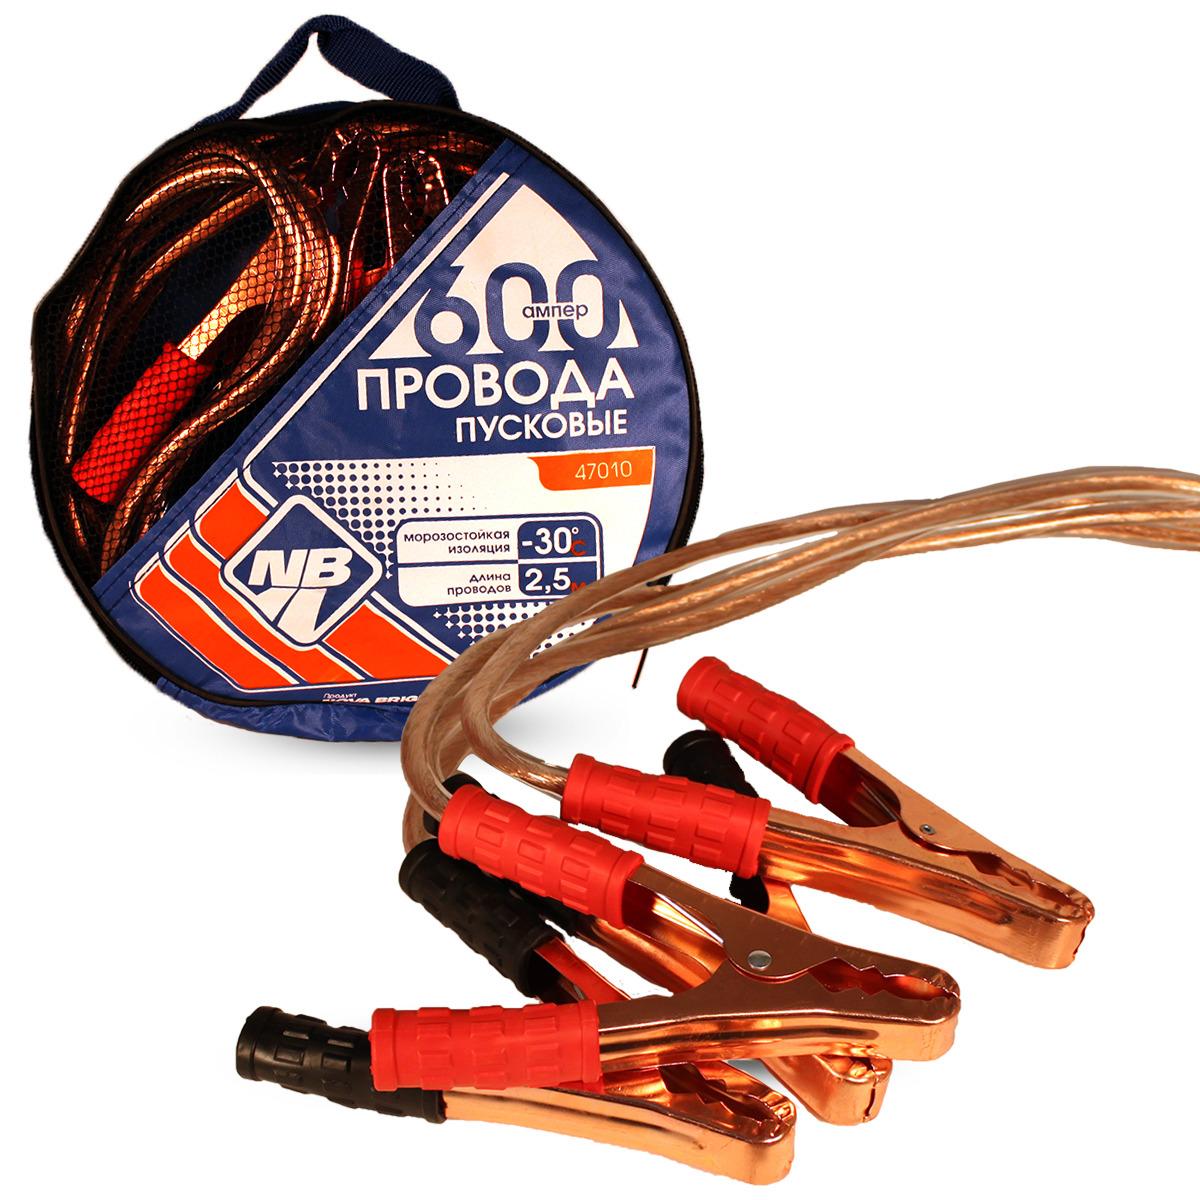 Провода вспомогательного запуска Nova Bright, морозостойкие, с прозрачной изоляцией, 600 А, 47010, разноцветный, 2,5 м недорго, оригинальная цена